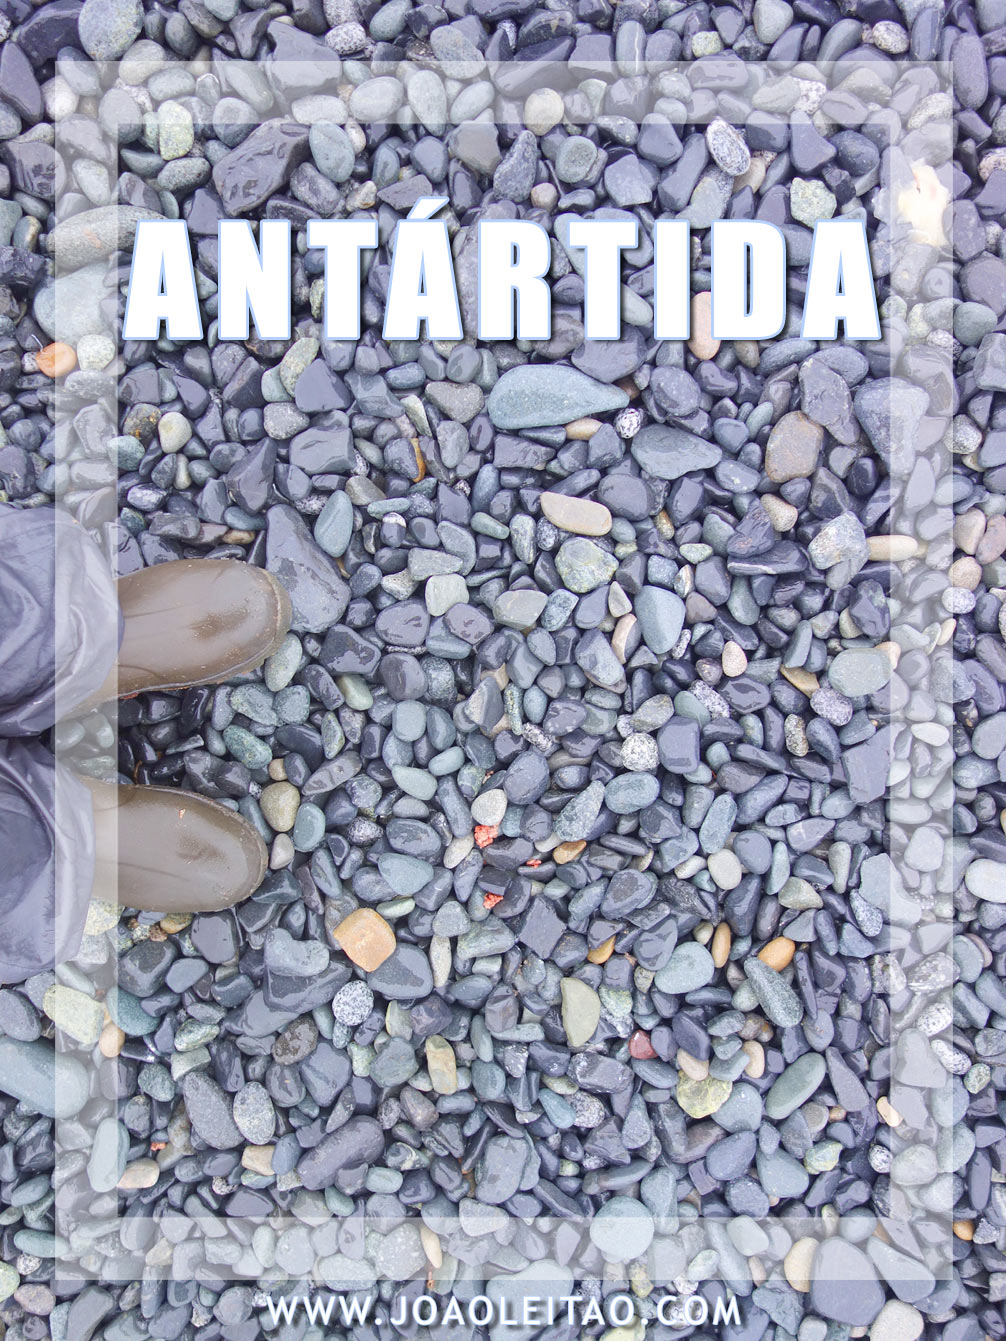 ILHA HALF MOON ANTARTIDA